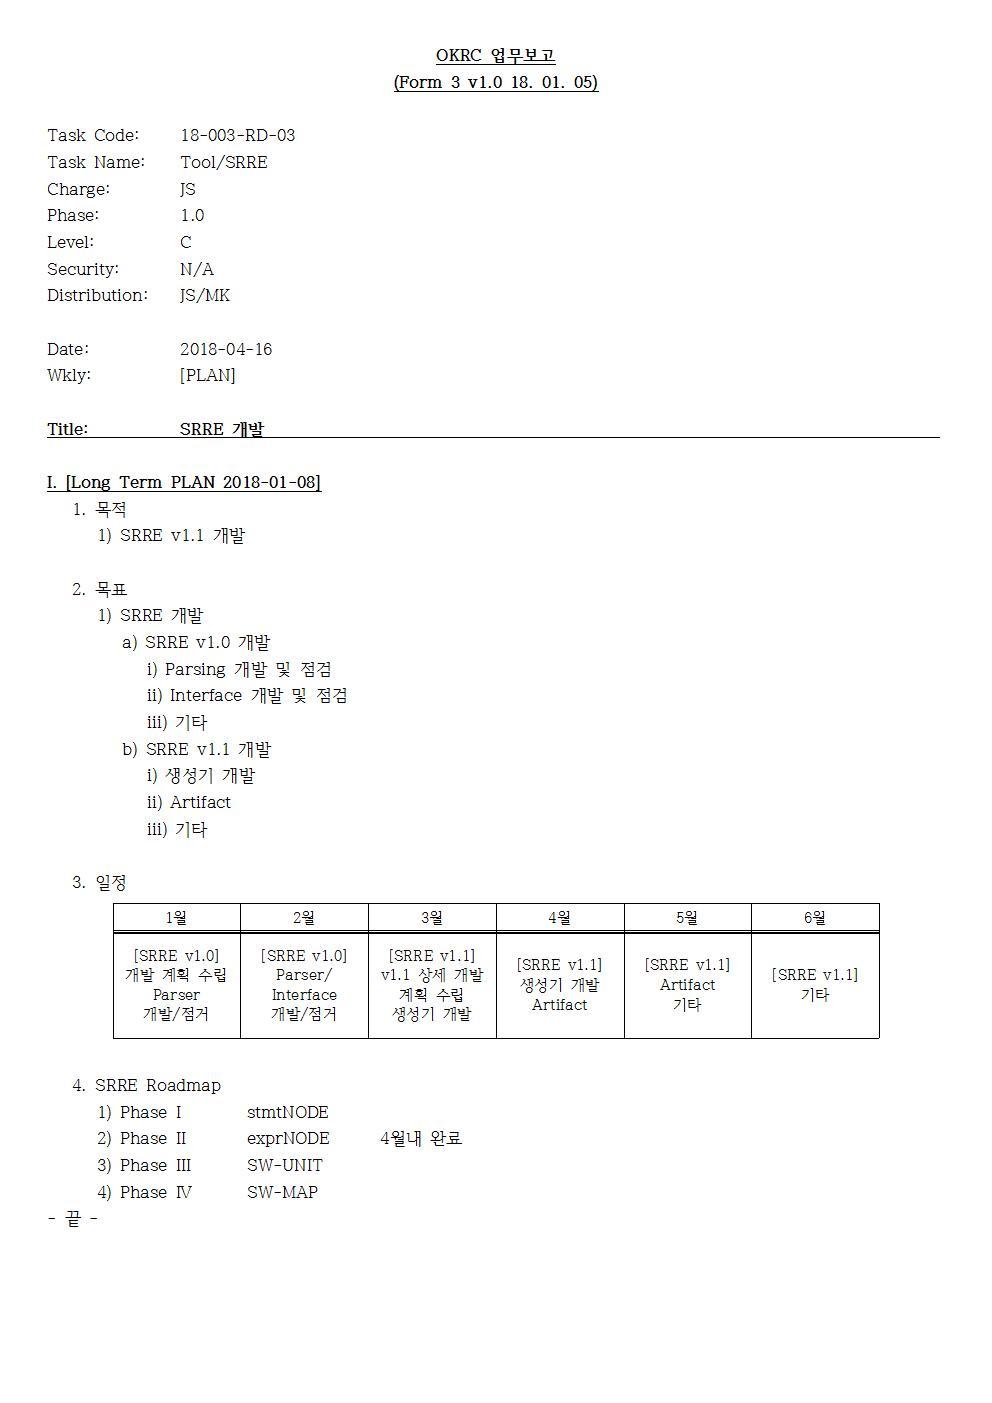 D-[18-003-RD-03]-[SRRE]-[2018-04-16][JS]001.jpg